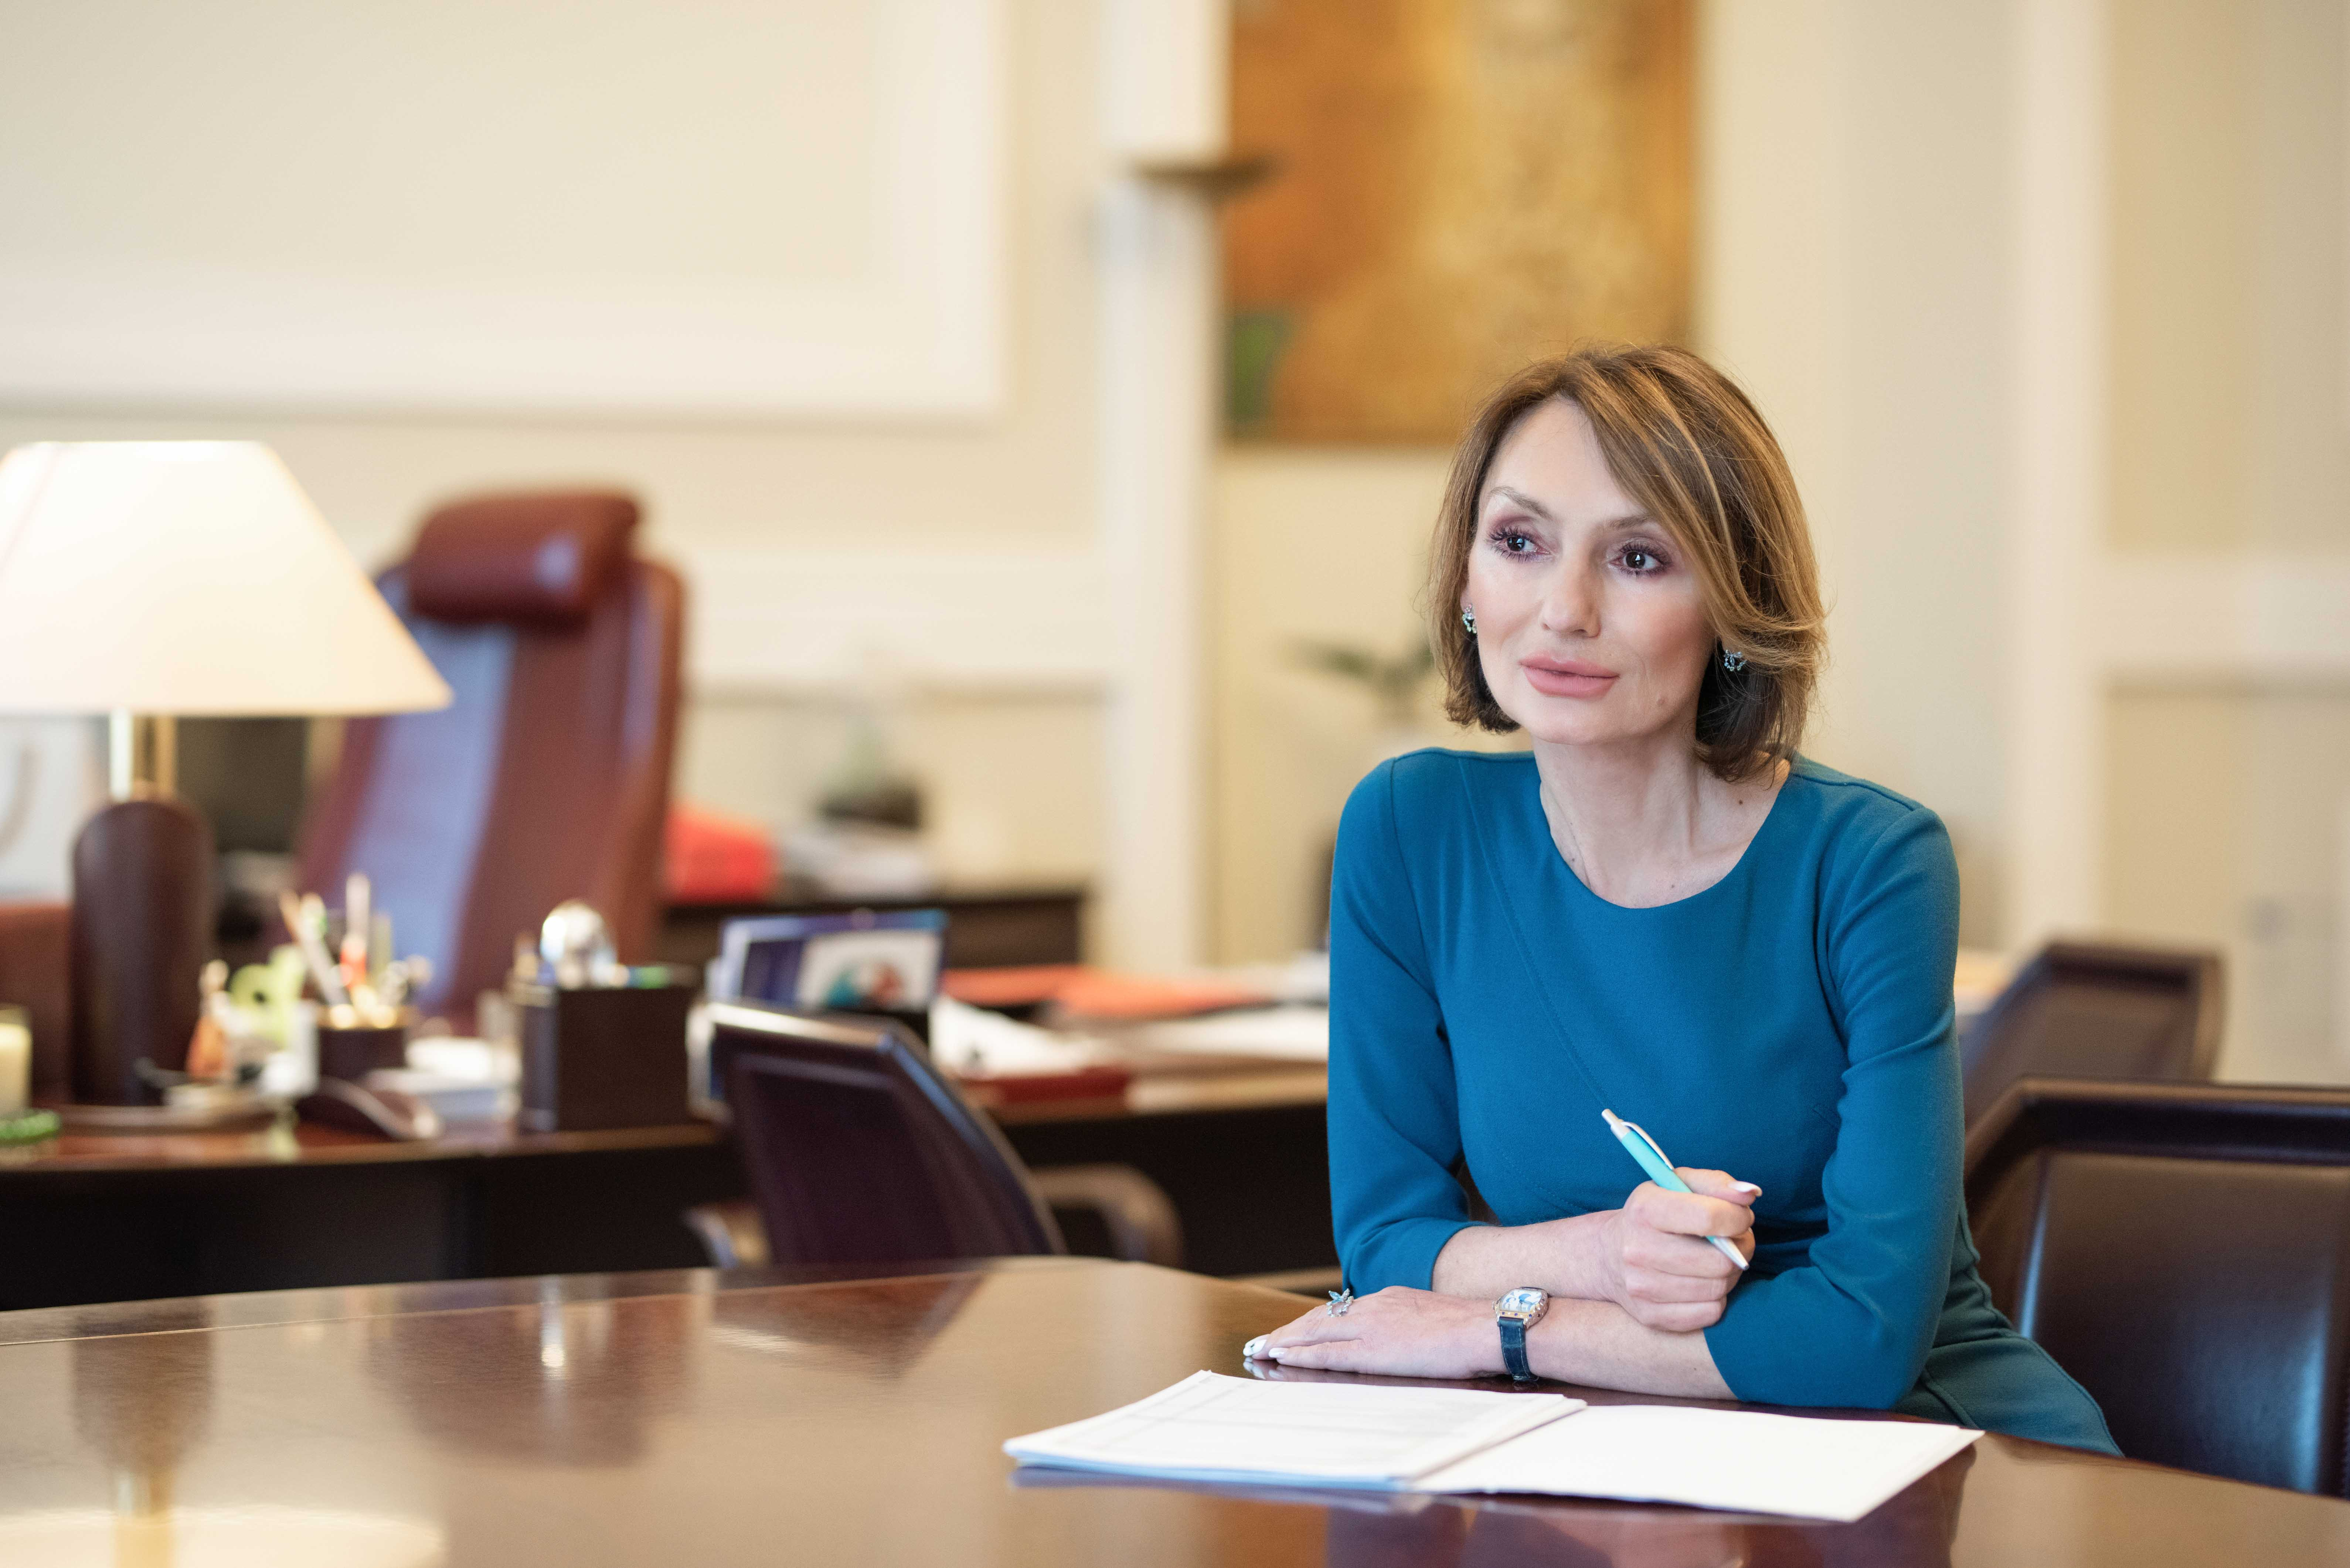 Катерина Рожкова: «Зараз перед нами стоїть нелегке завдання – вистояти, а також зберегти банки та їхніх клієнтів»